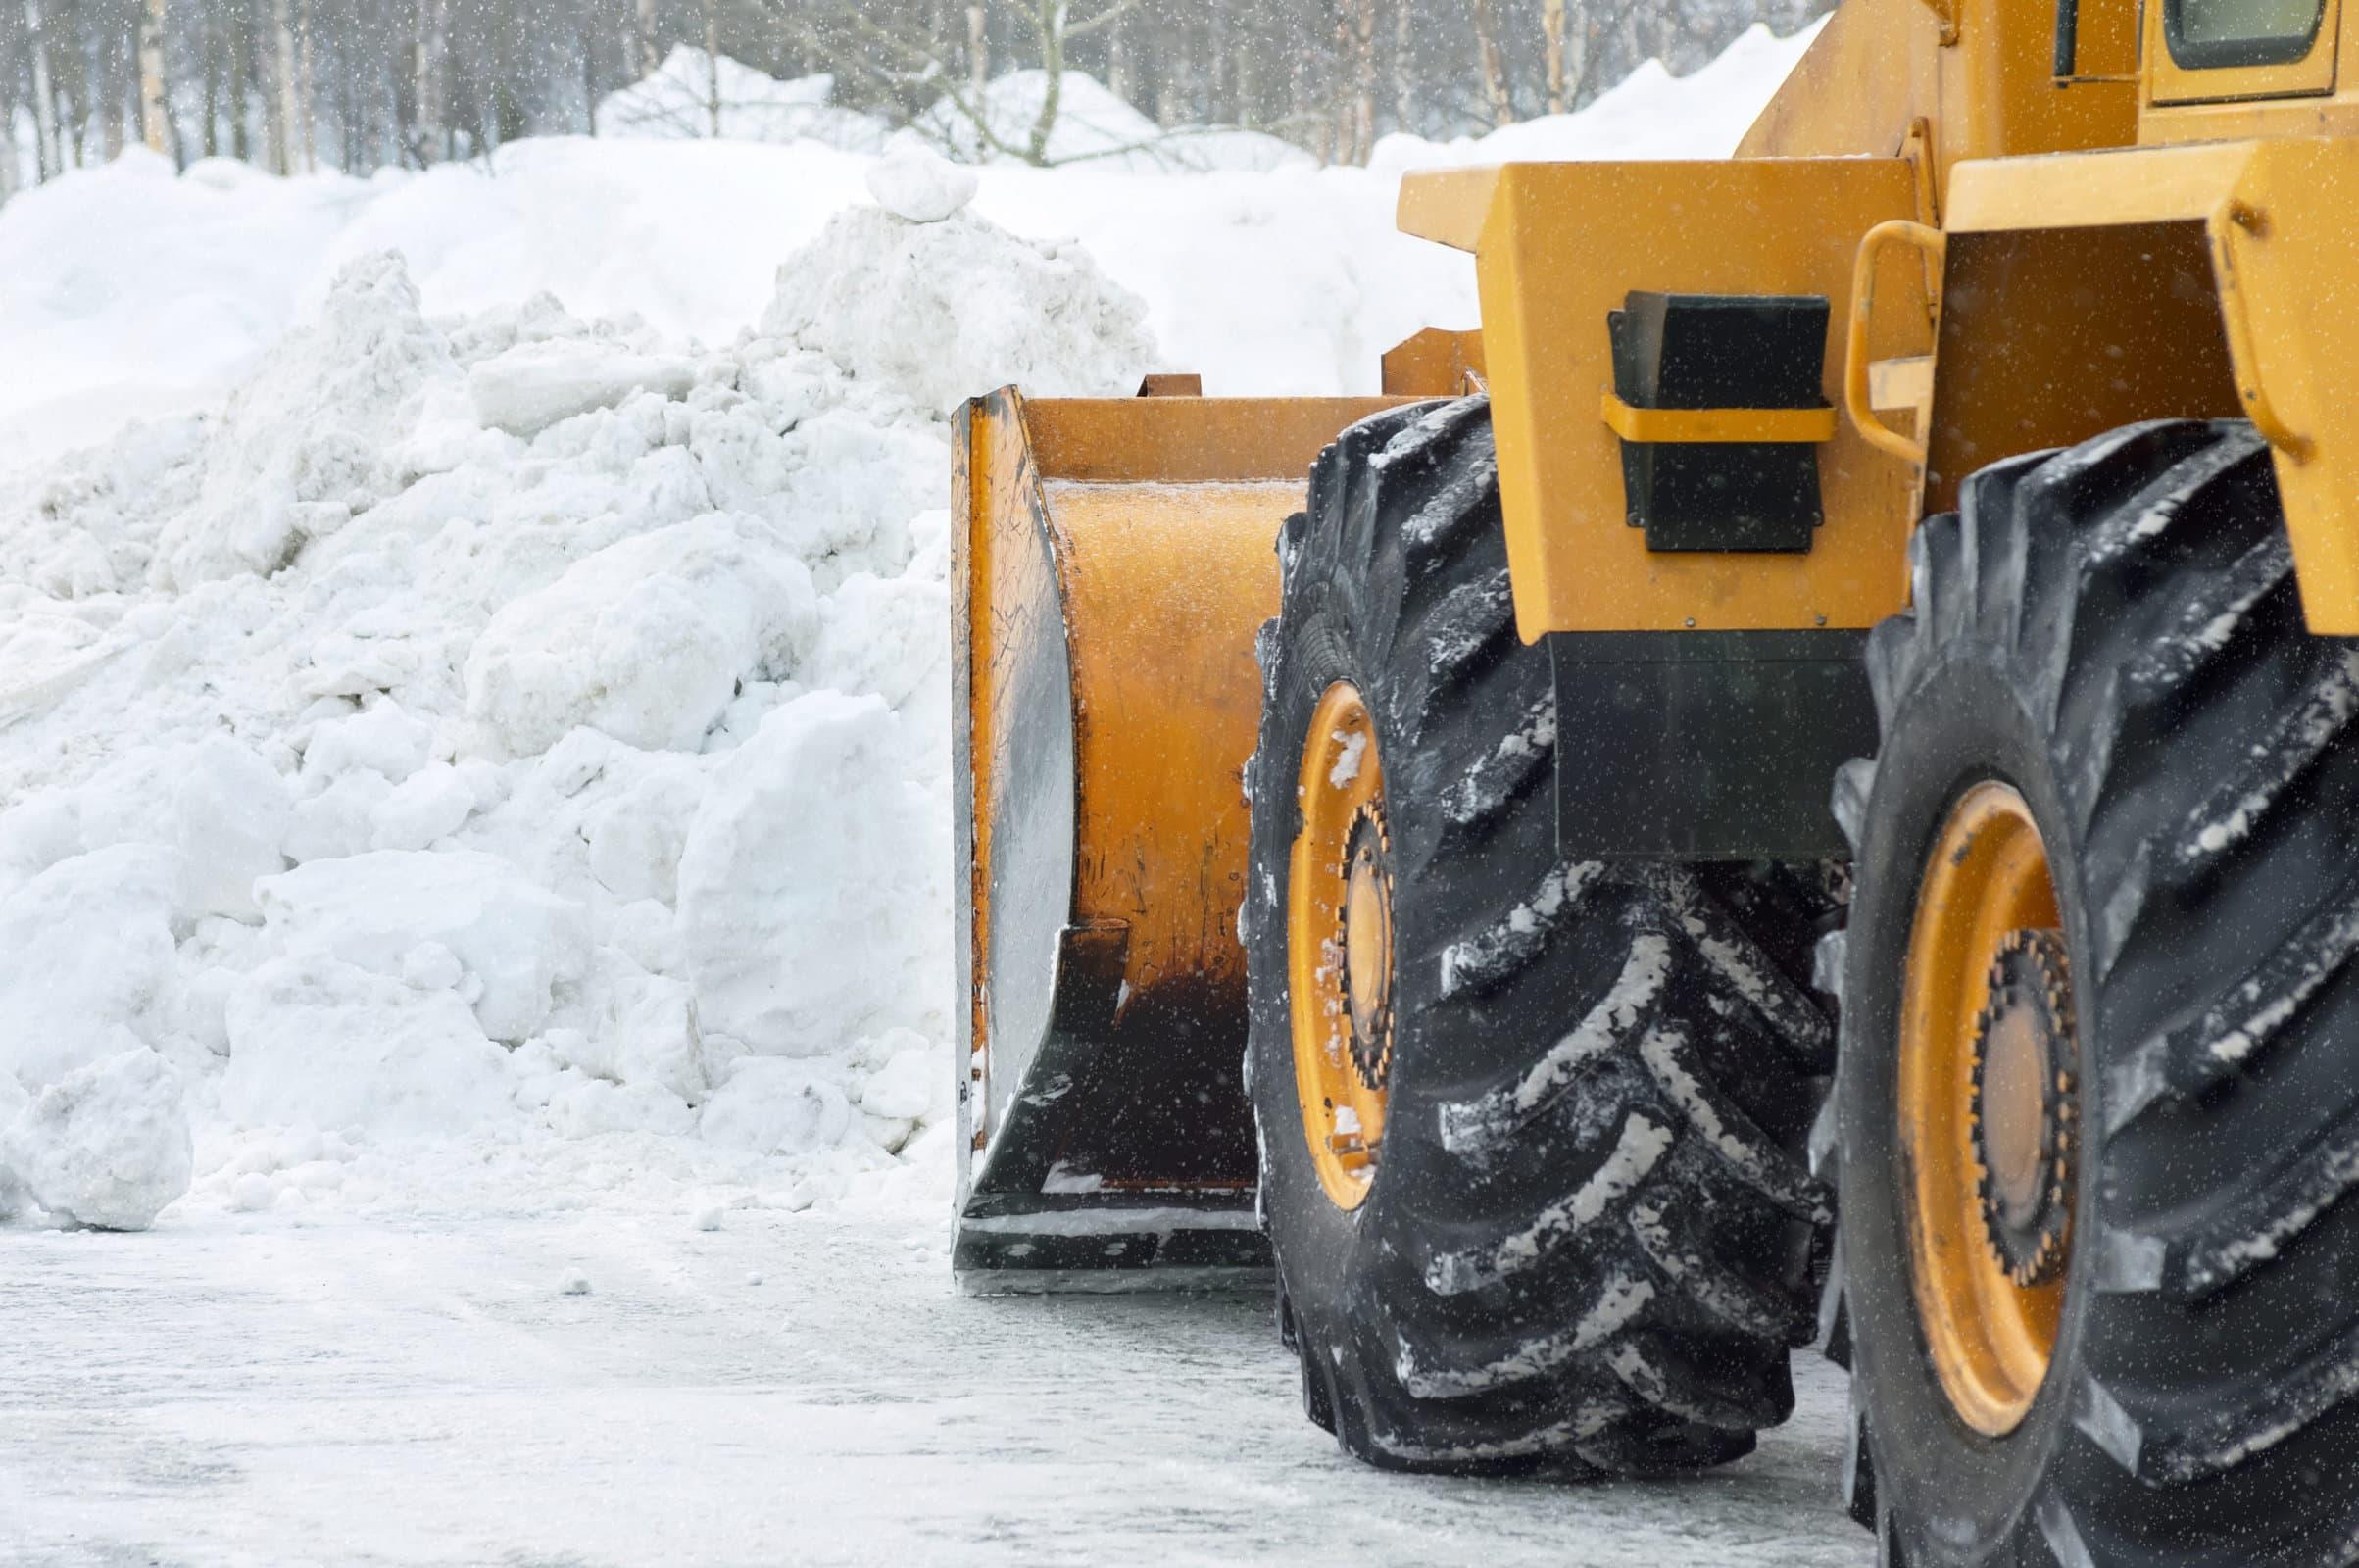 snow-removal-calgary